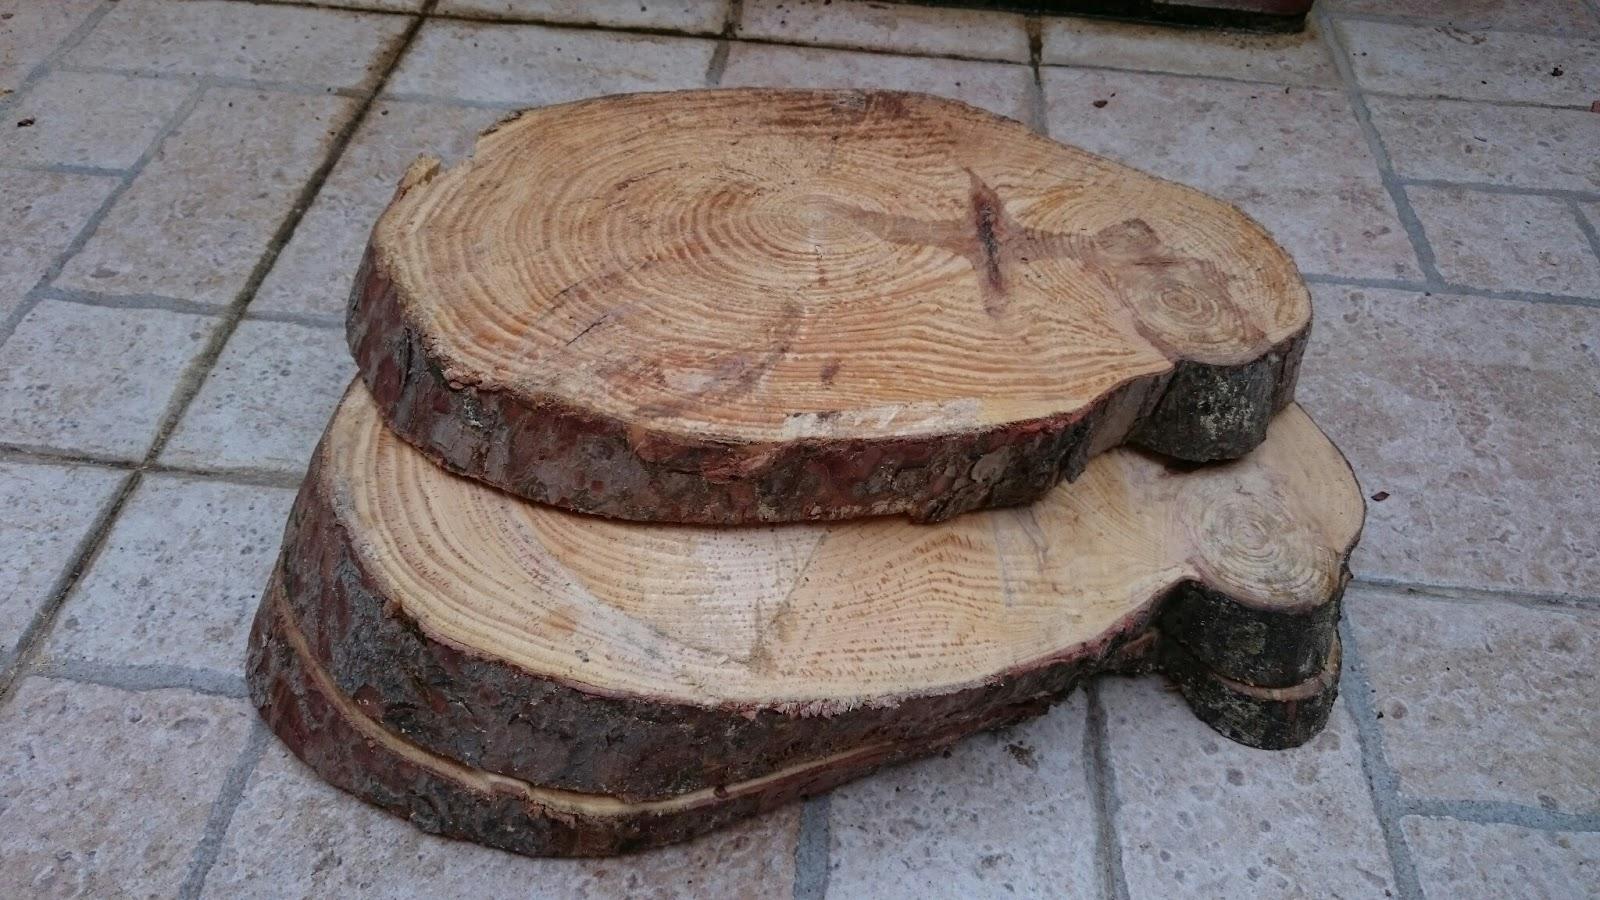 Expr sion bons i lajas de madera for Antecomedores redondos madera